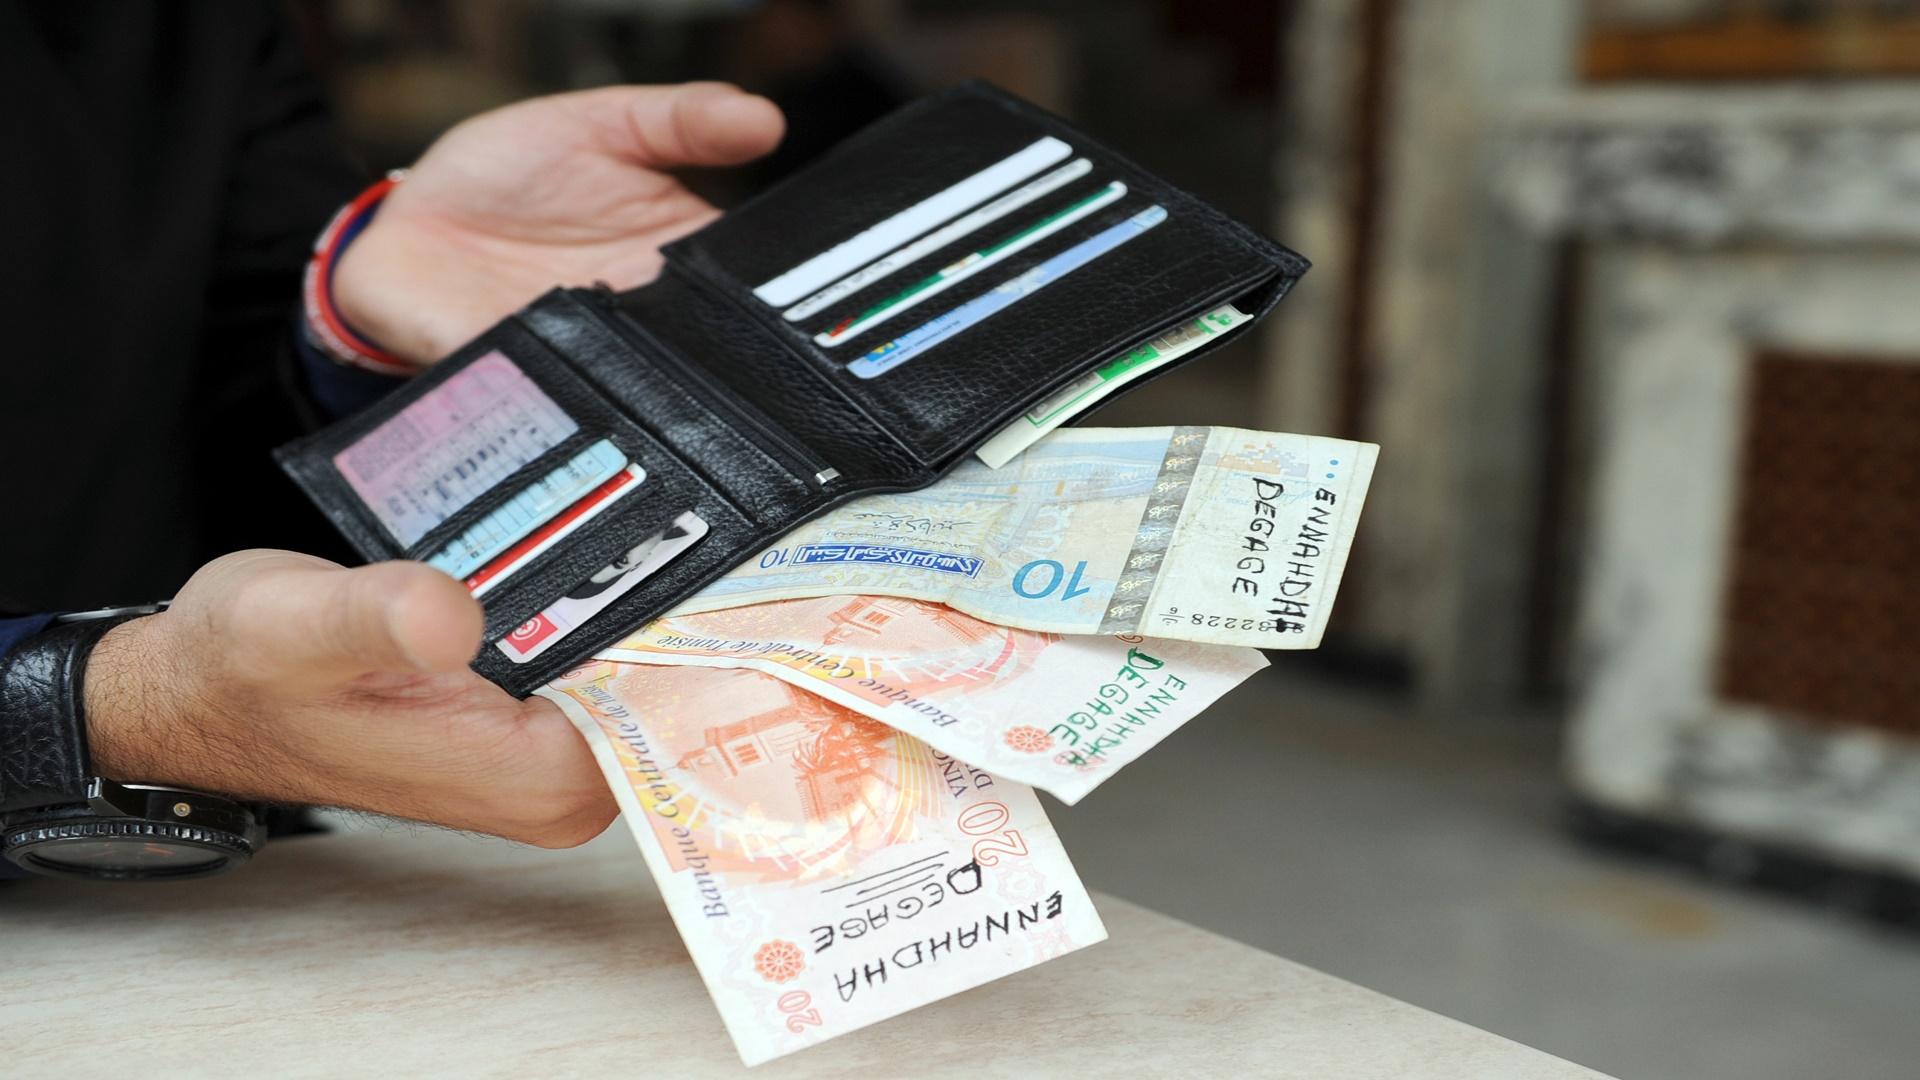 ايقاف شبكة دولية لتزوير العملات وتهريبها بين لبنان والعراق